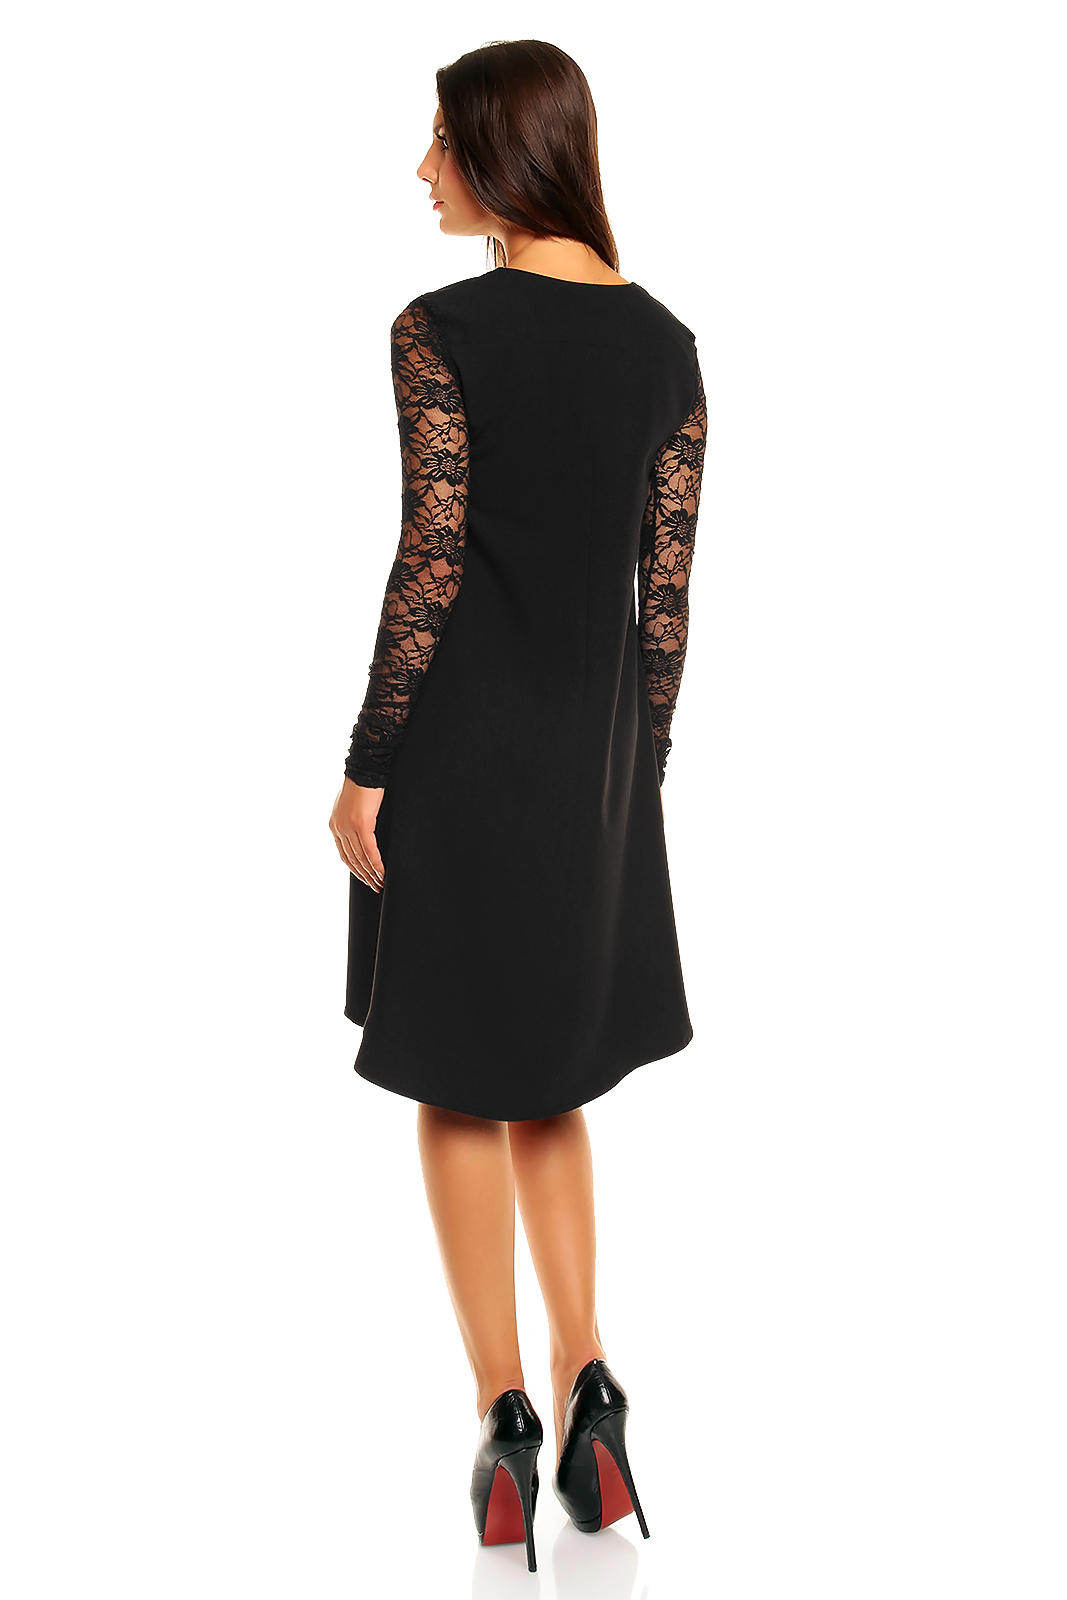 5e443e29de Trapezowa sukienka z przedłużonym tyłem i koronką KM161 - ❤ Kartes ...